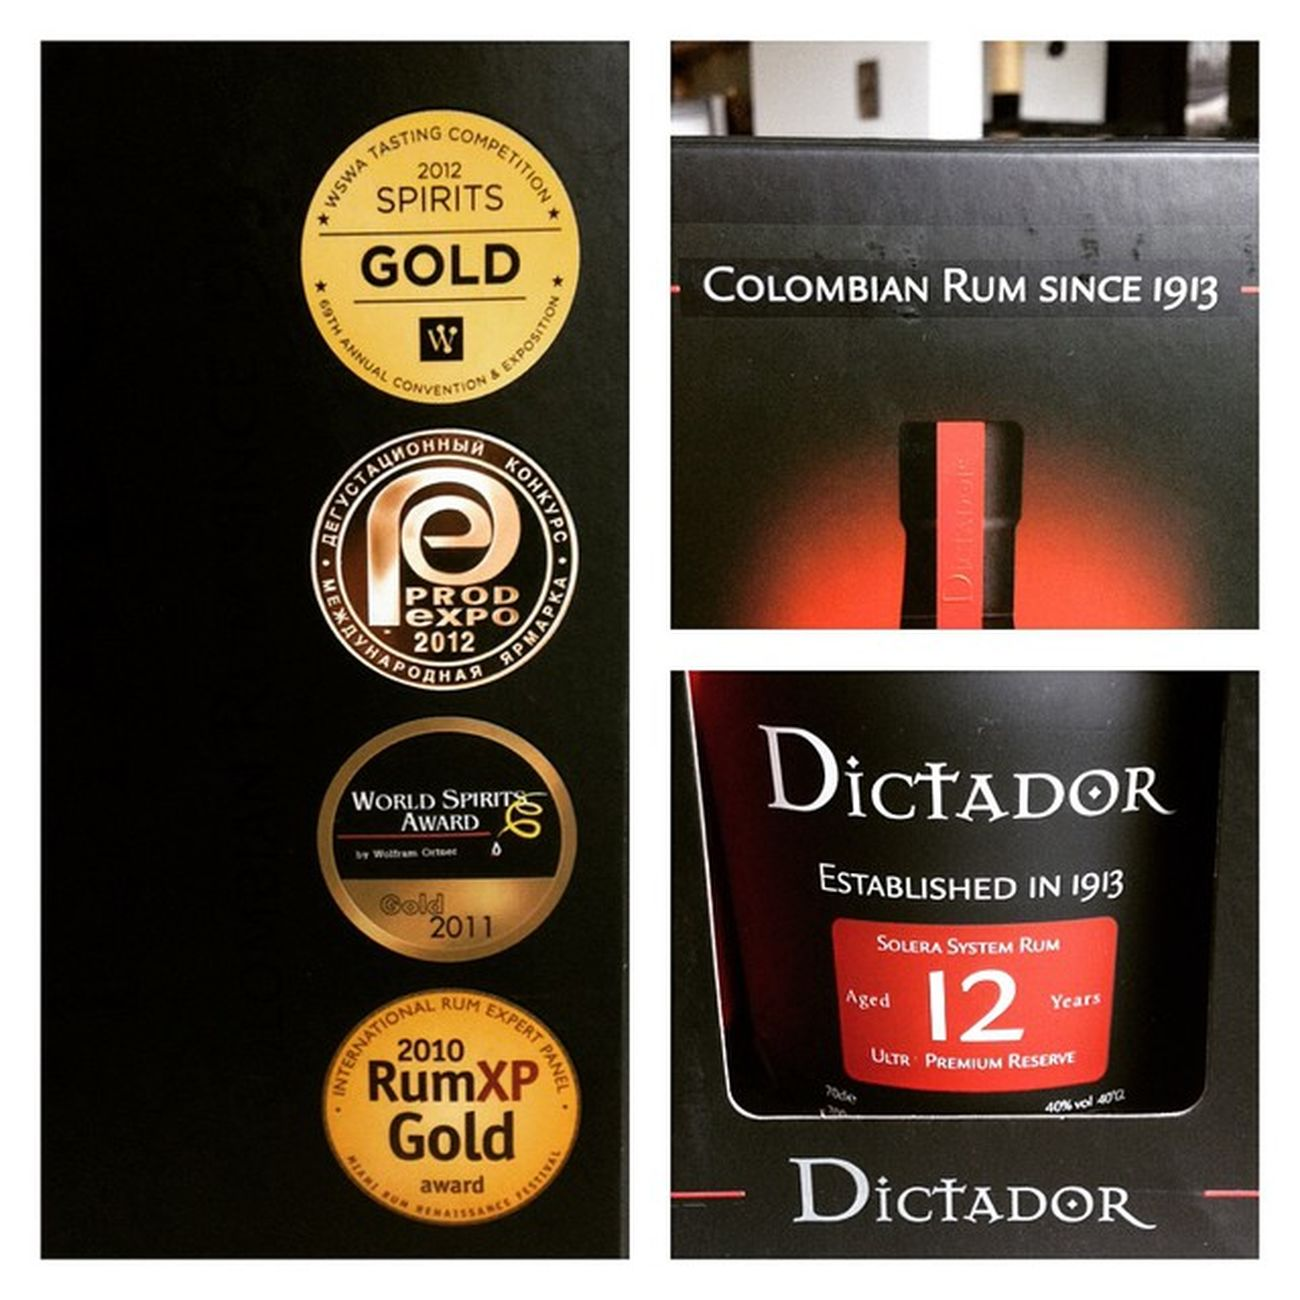 Eentje voor het nieuwe jaar in te zetten :) Rum Rhum Ron Dictador Instarum Instadrinks NewYear NYE Dictador12 Spirits Instaspirits